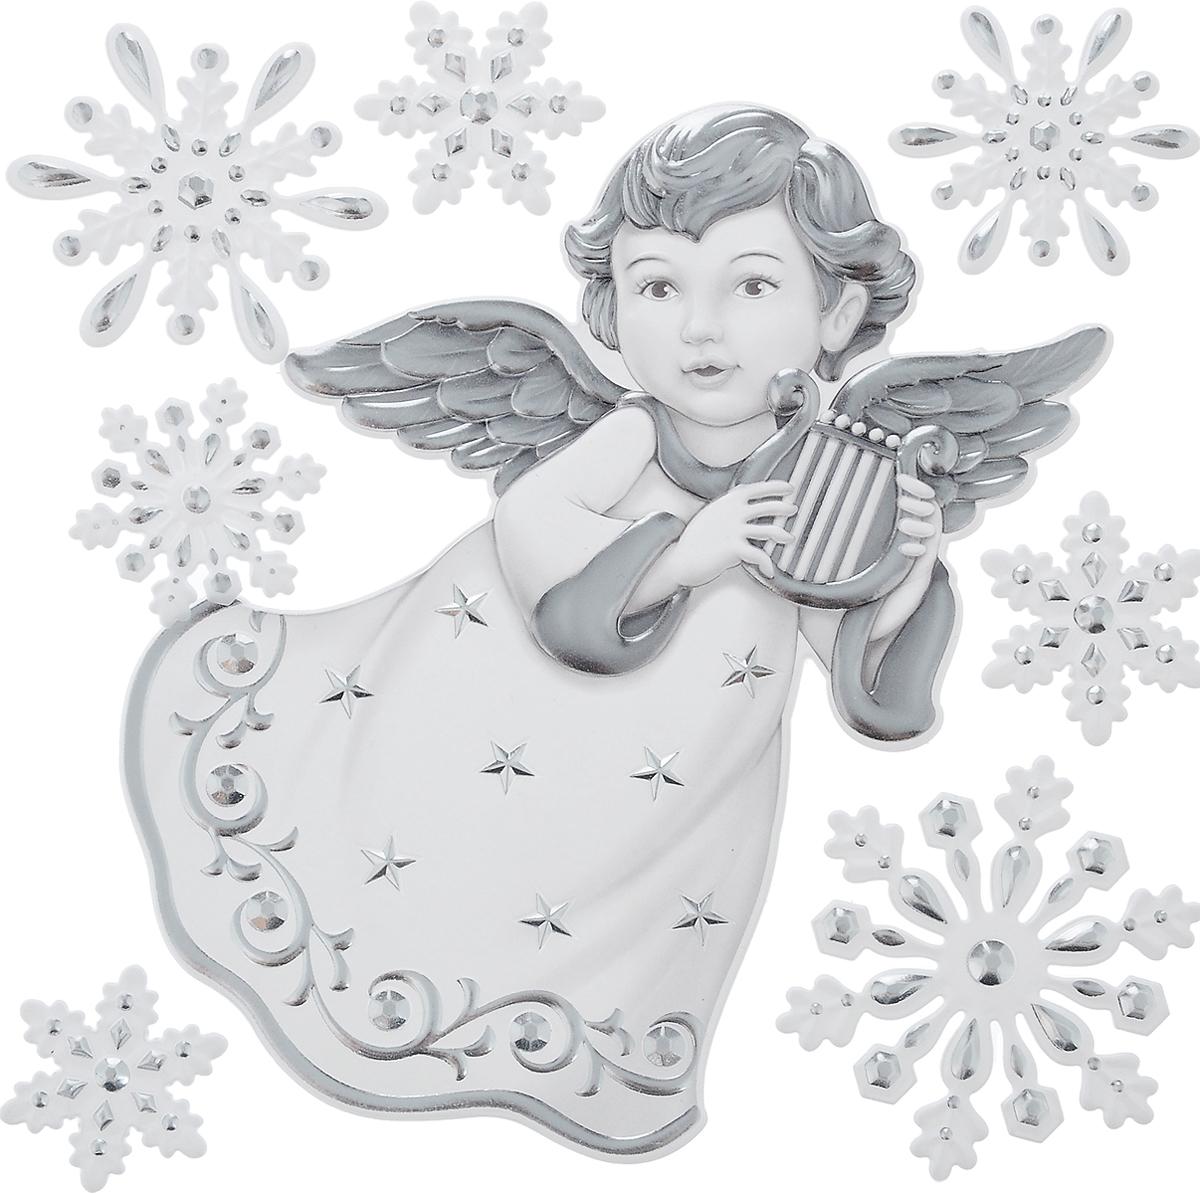 Украшение оконное новогоднее Christmas Time Ангел, 8 шт70779Набор Christmas Time Ангел состоит из 8 наклеек на окно, выполненных из ПВХ. С помощью декоративных наклеек можно составлять на стекле целые зимние сюжеты, которые будут радовать глаз, и поднимать настроение в праздничные дни! Так же вы можете преподнести этот сувенир в качестве мини-презента коллегам, близким и друзьям с пожеланиями счастливого Нового Года!Размер ангела: 14 х 15,5 см. Средний размер снежинок: 4 х 4,5 см.